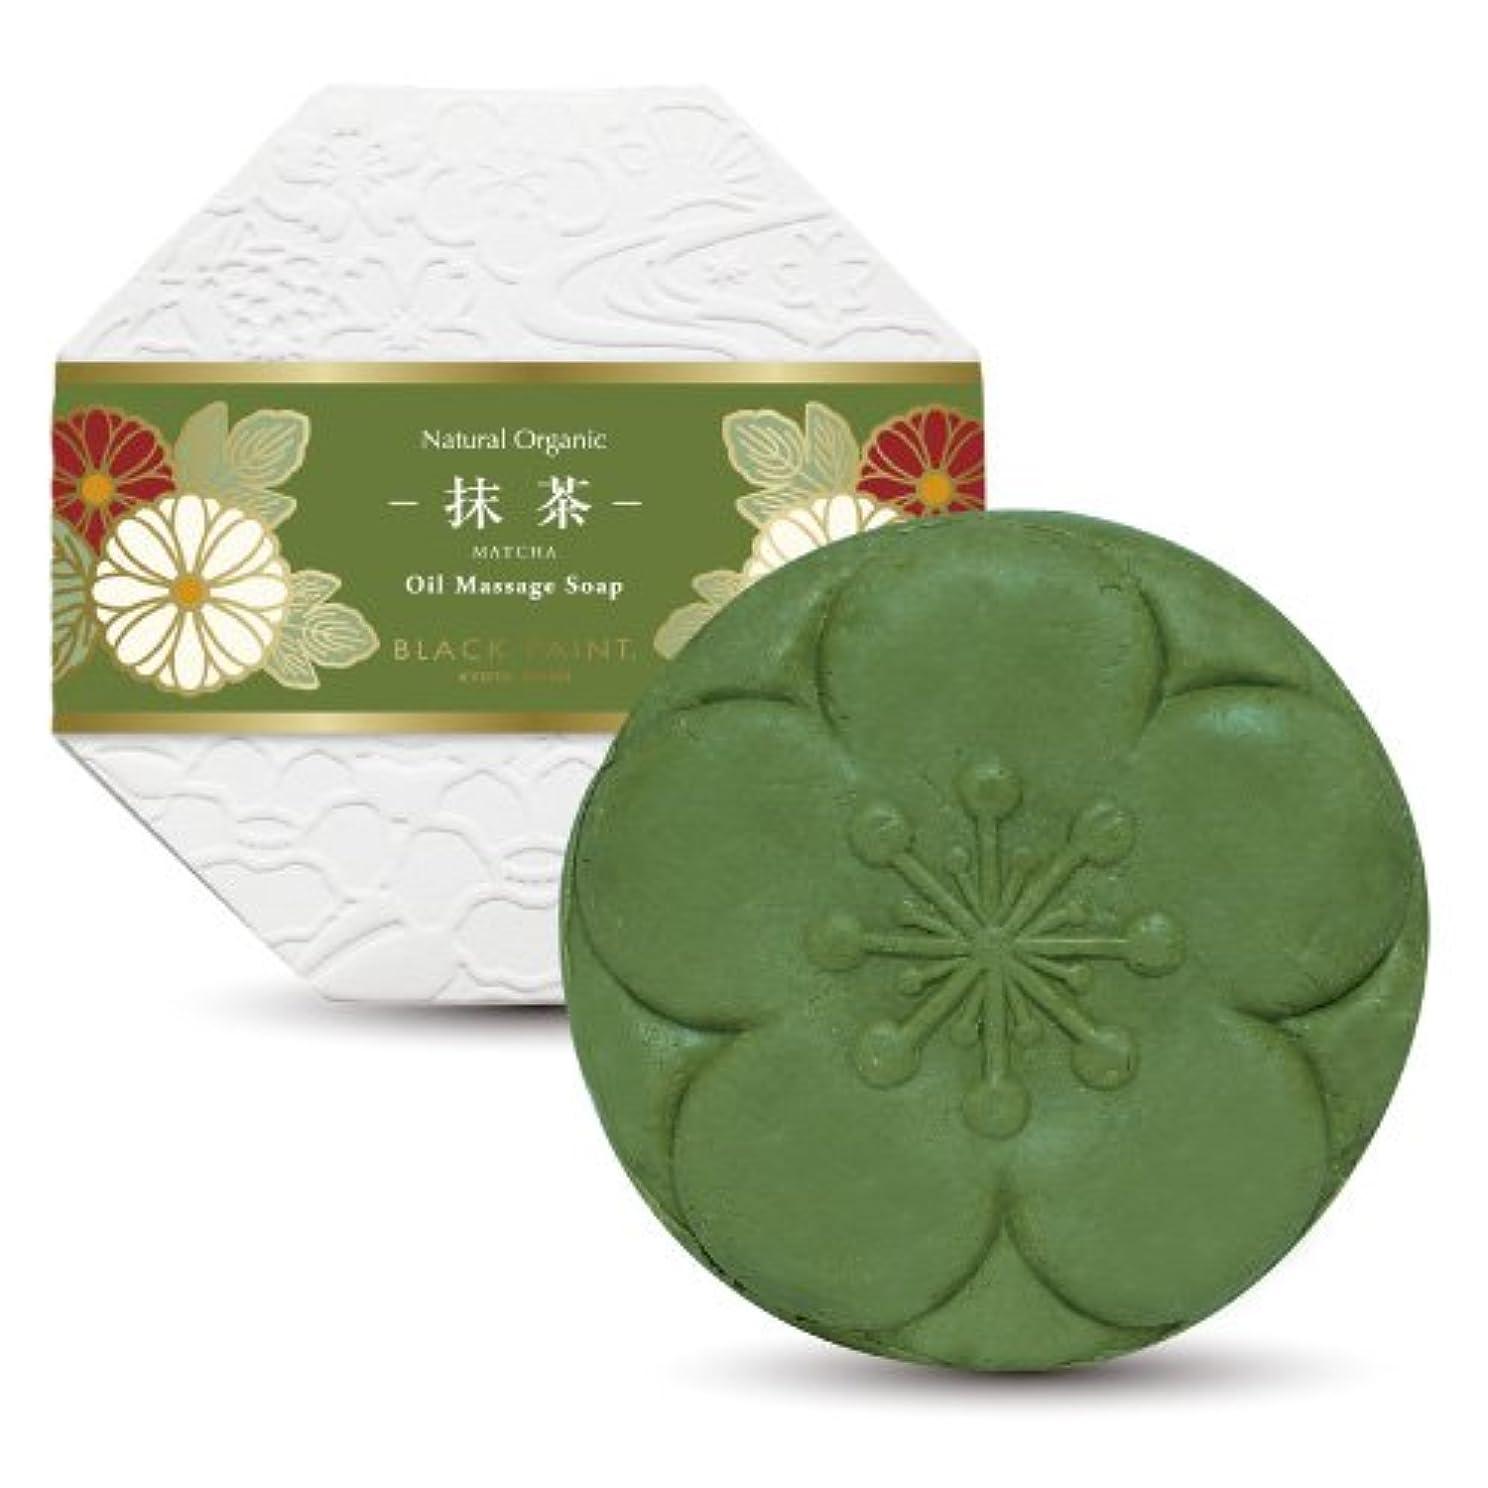 ビヨンに付ける読書をする京のお茶石鹸 抹茶 120g 塗る石鹸